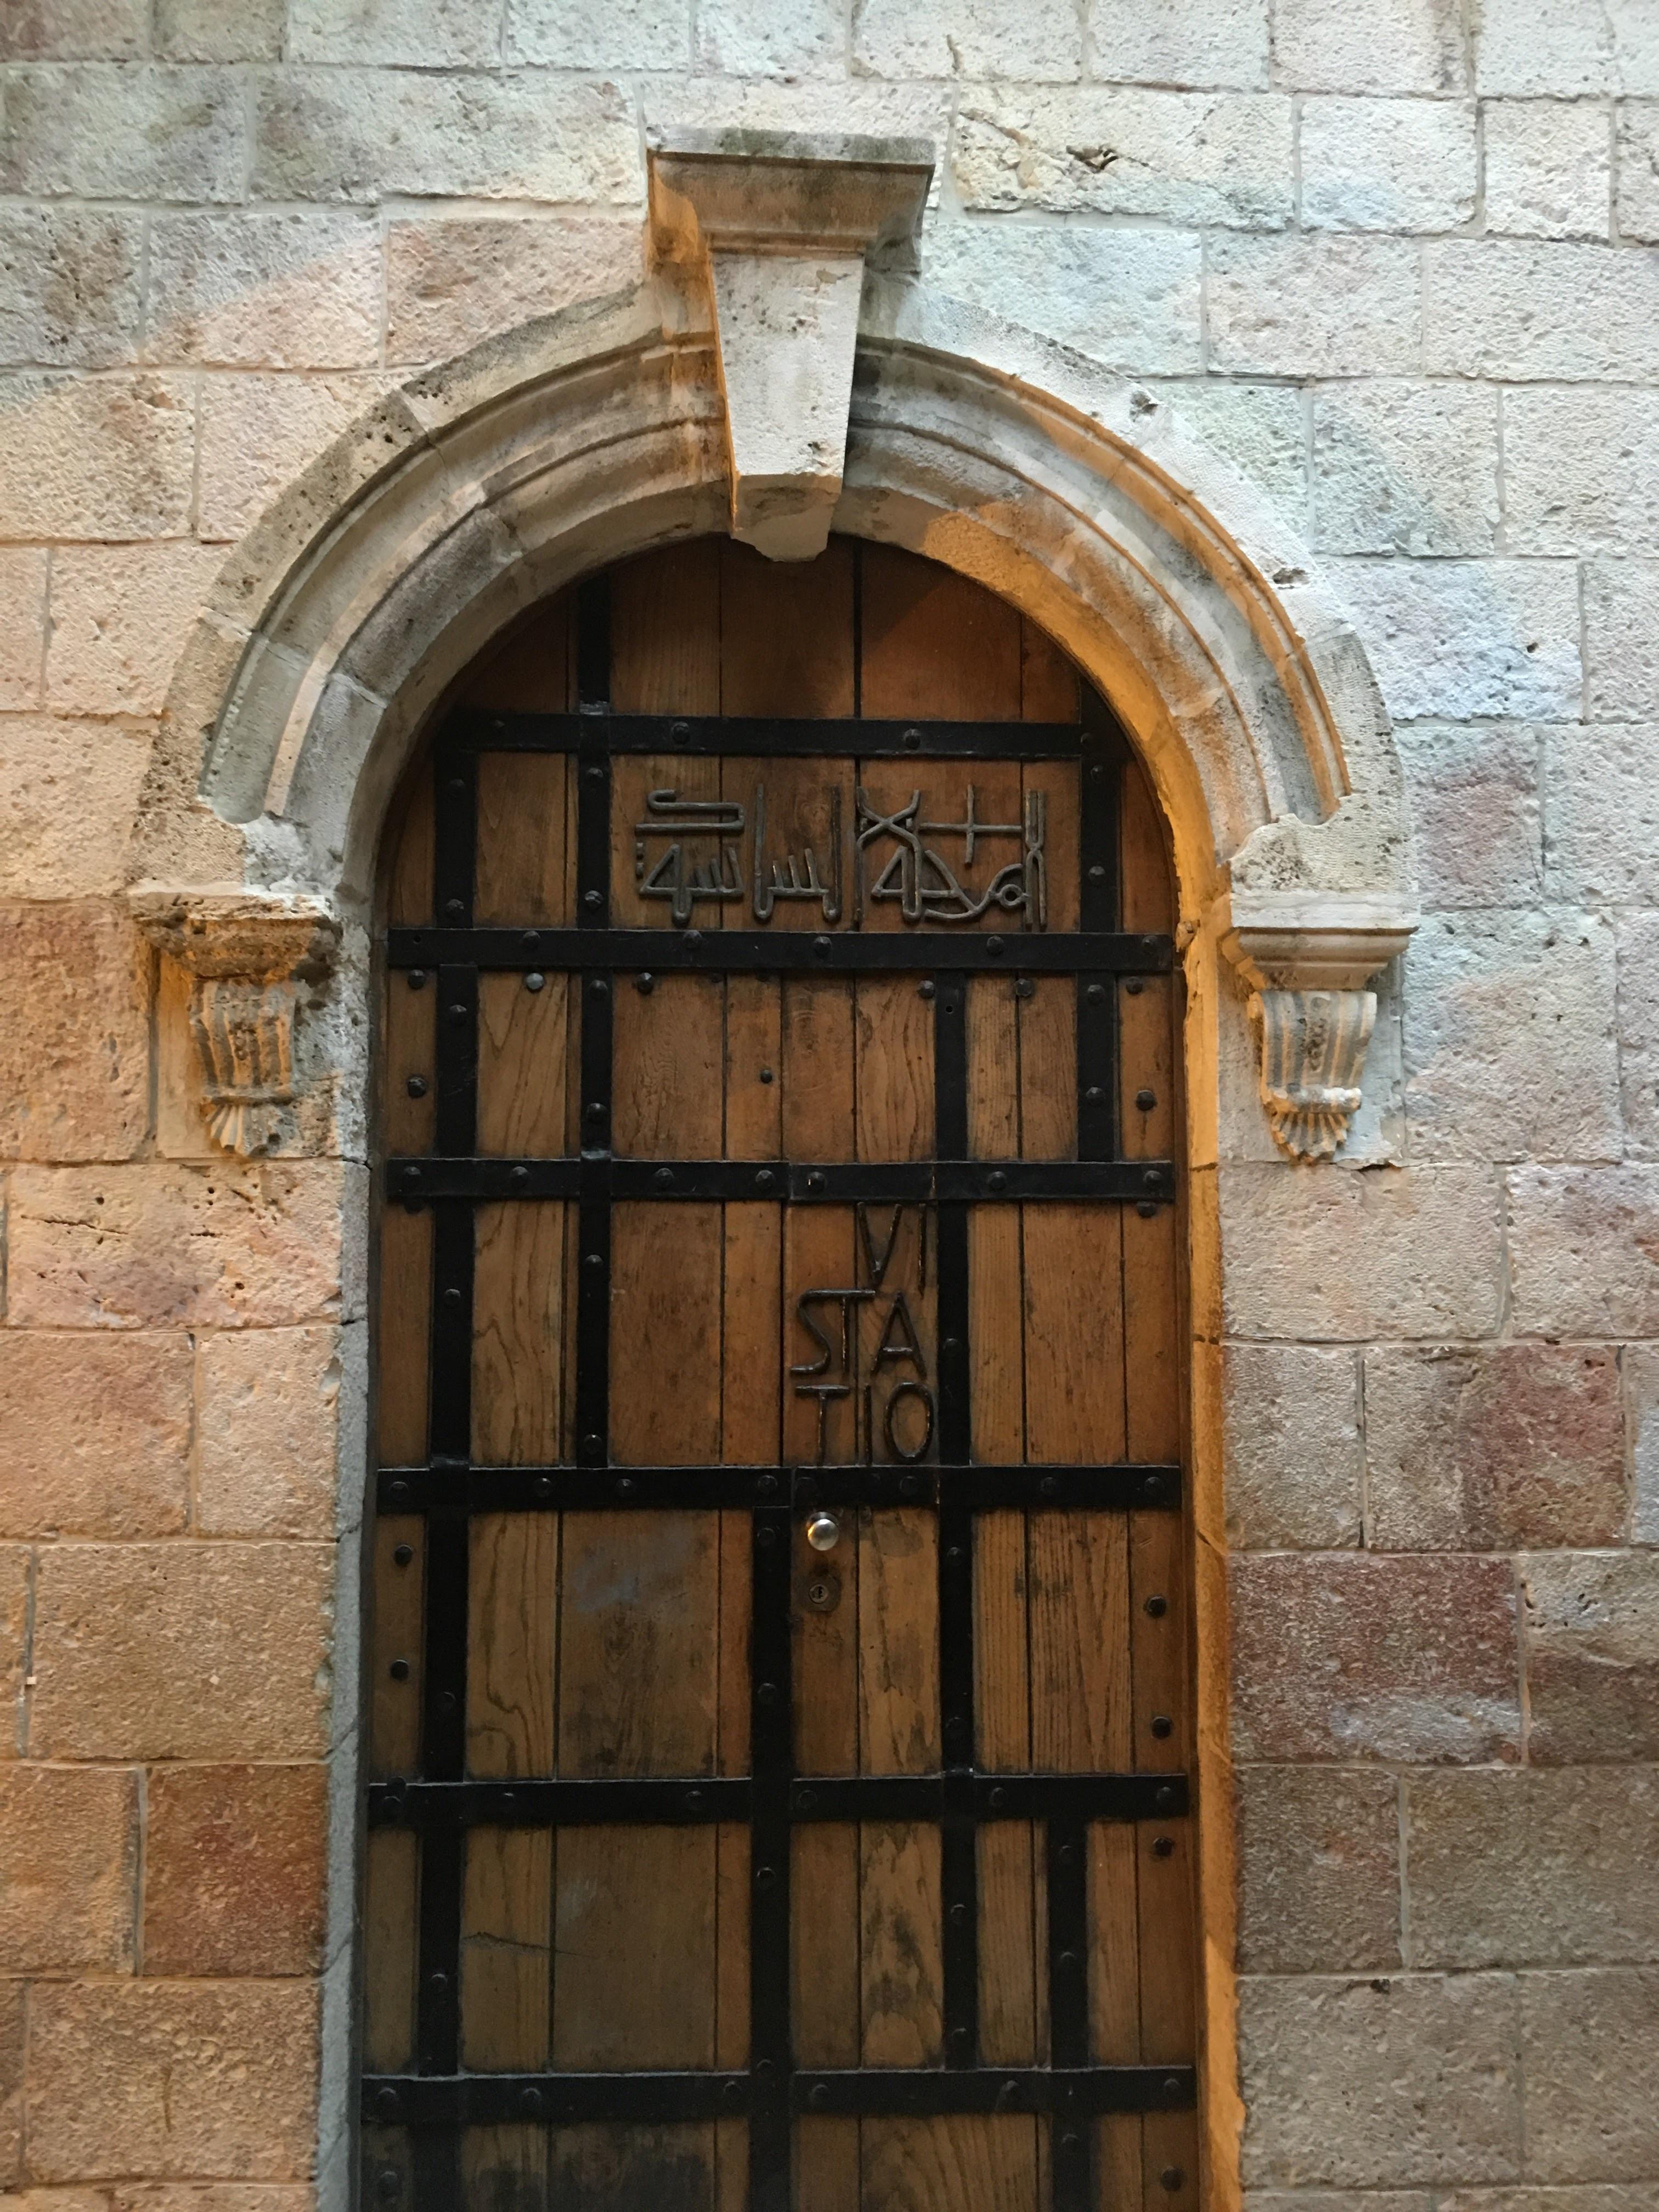 무료 이미지 건축물 목재 고대 미술 창문 건물 아치 정면 중세 건축 철 벽돌 세공